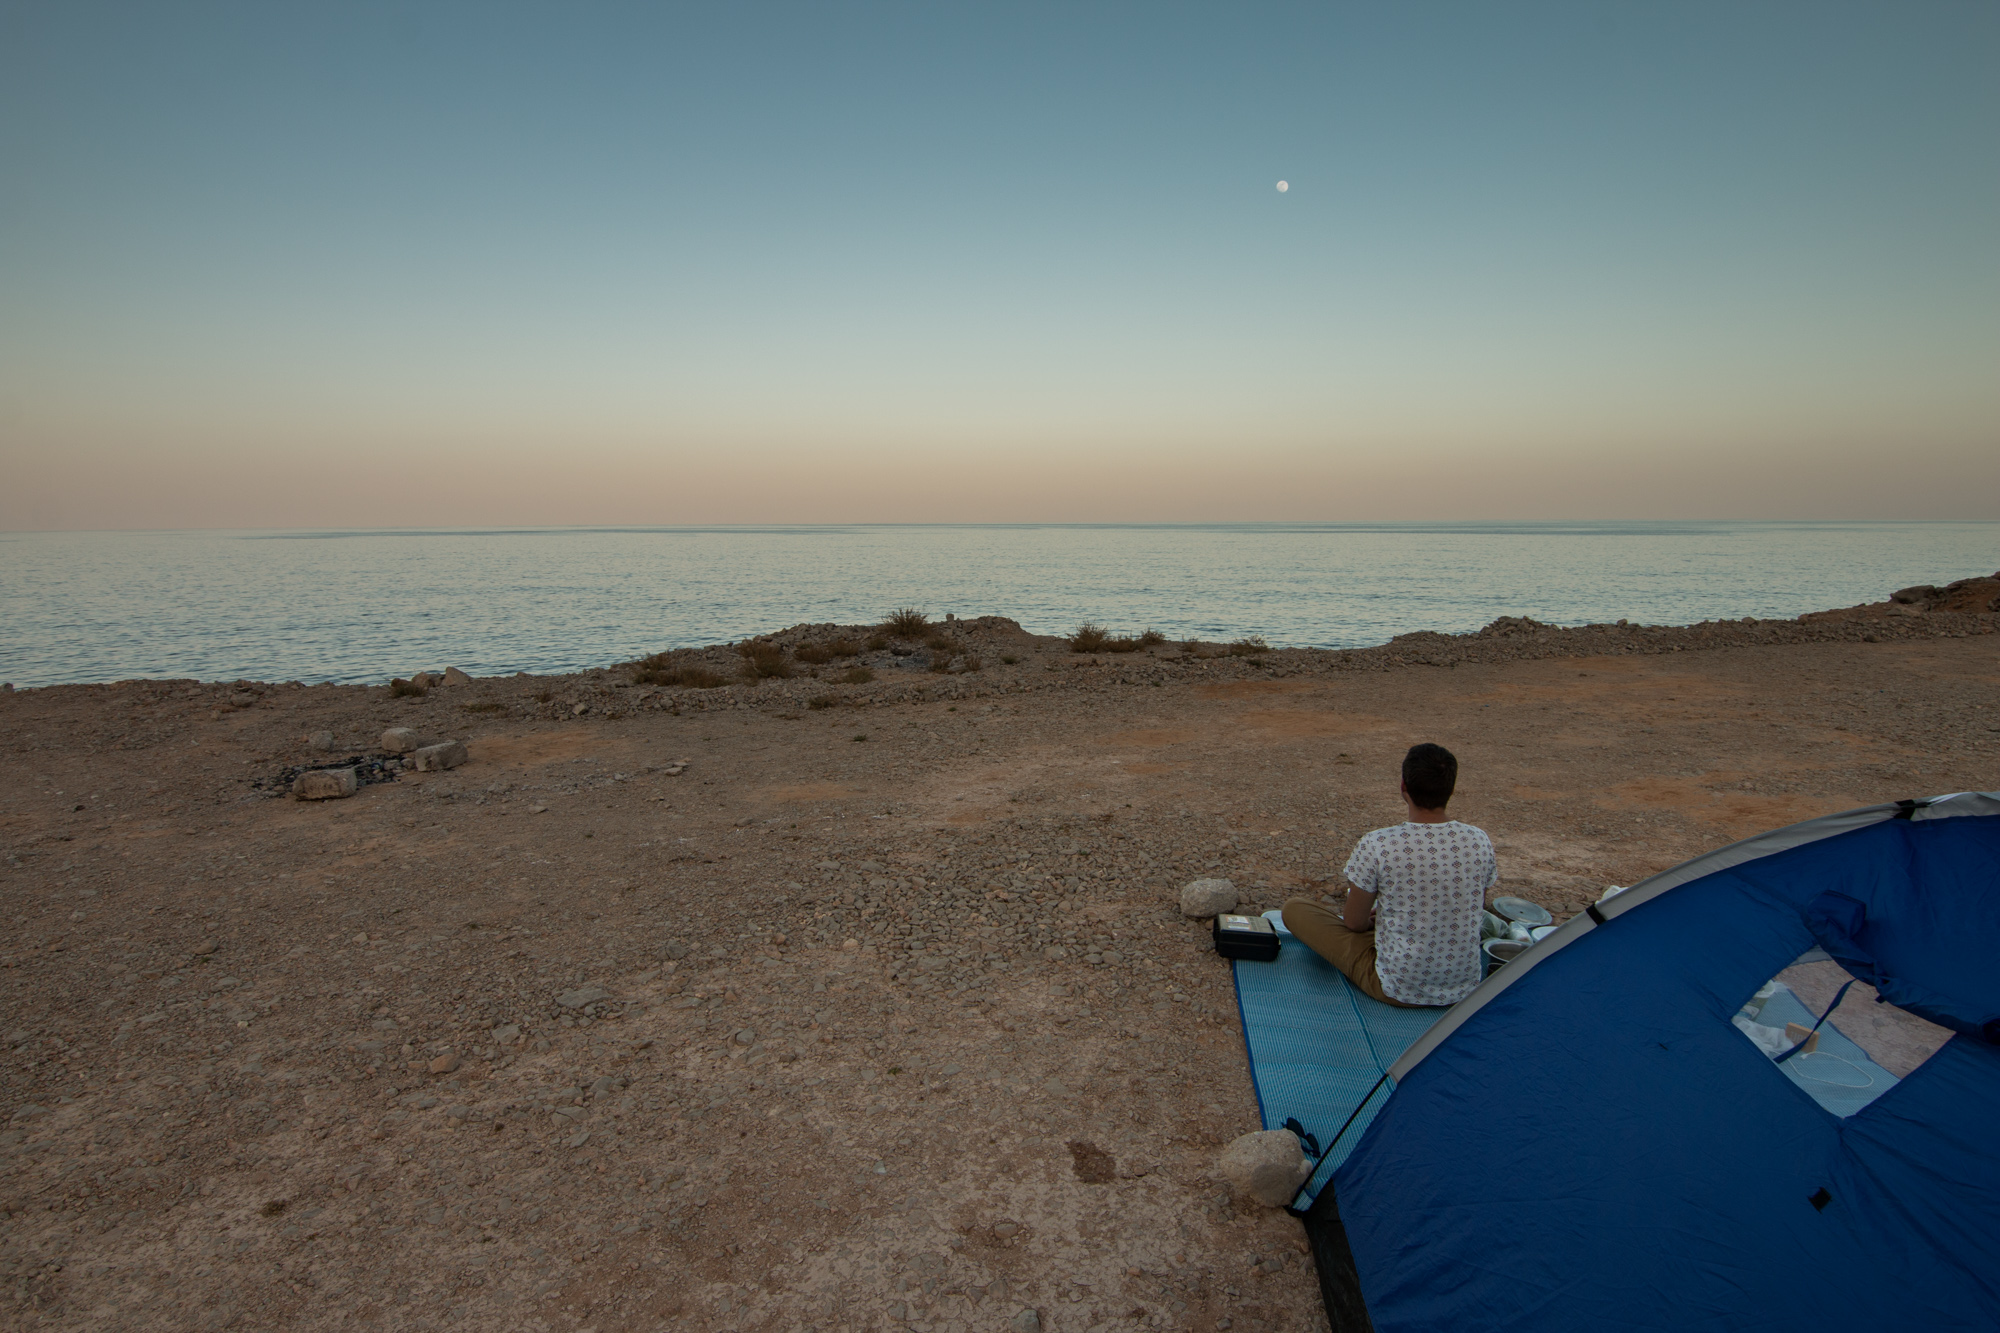 Camping, Oman